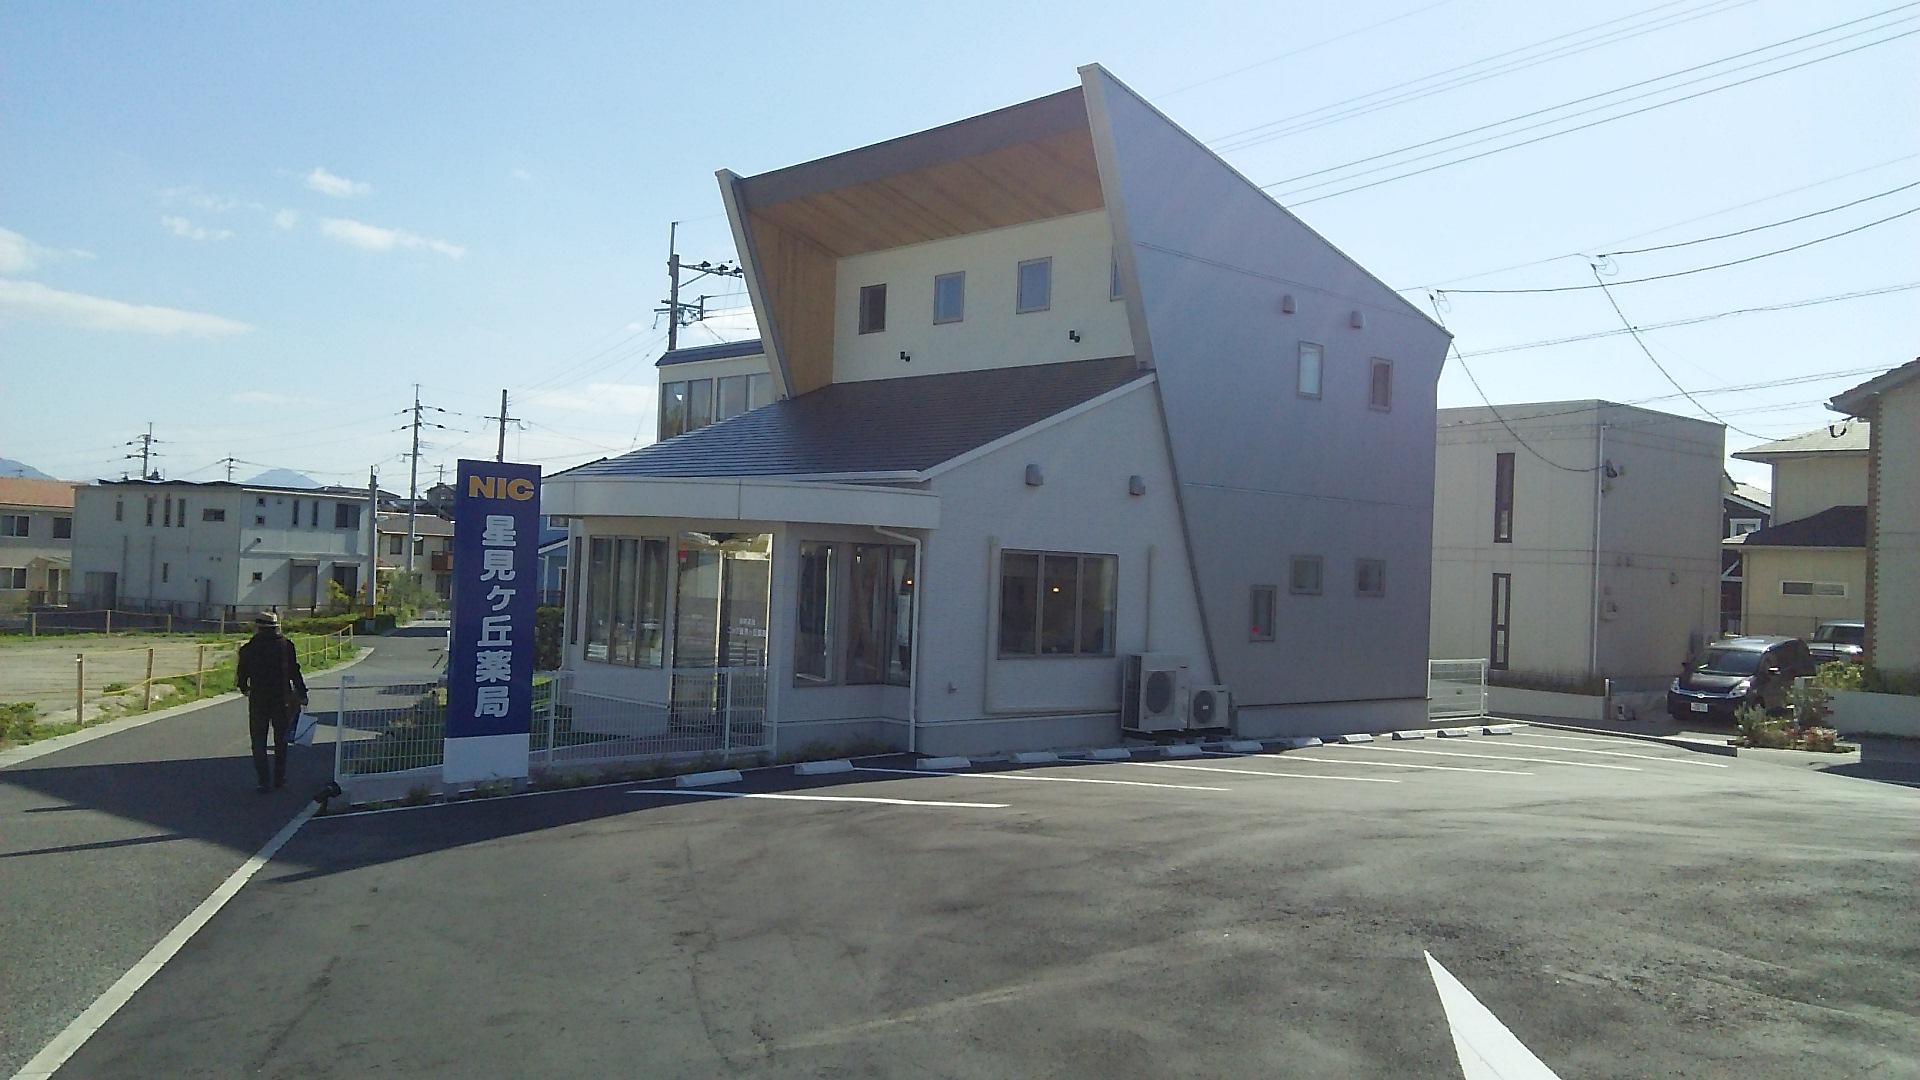 NIC調剤薬局星見ヶ丘店 一穂・環境デザインオフィス